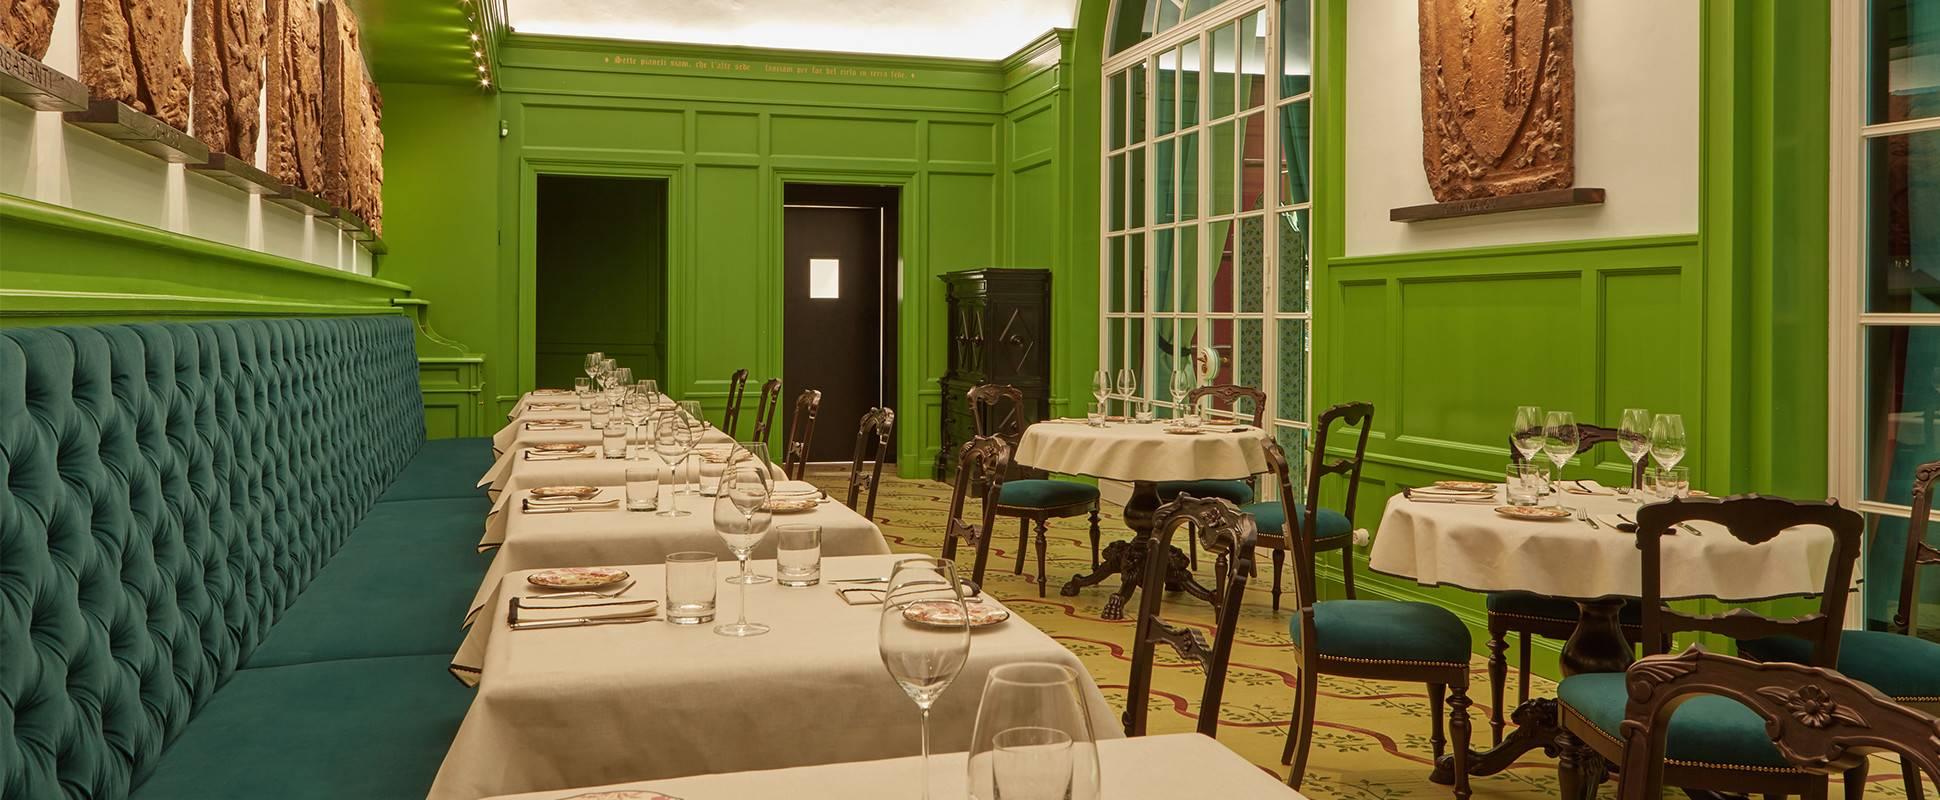 Ambiente da Gucci Osteria da Massimo Bottura